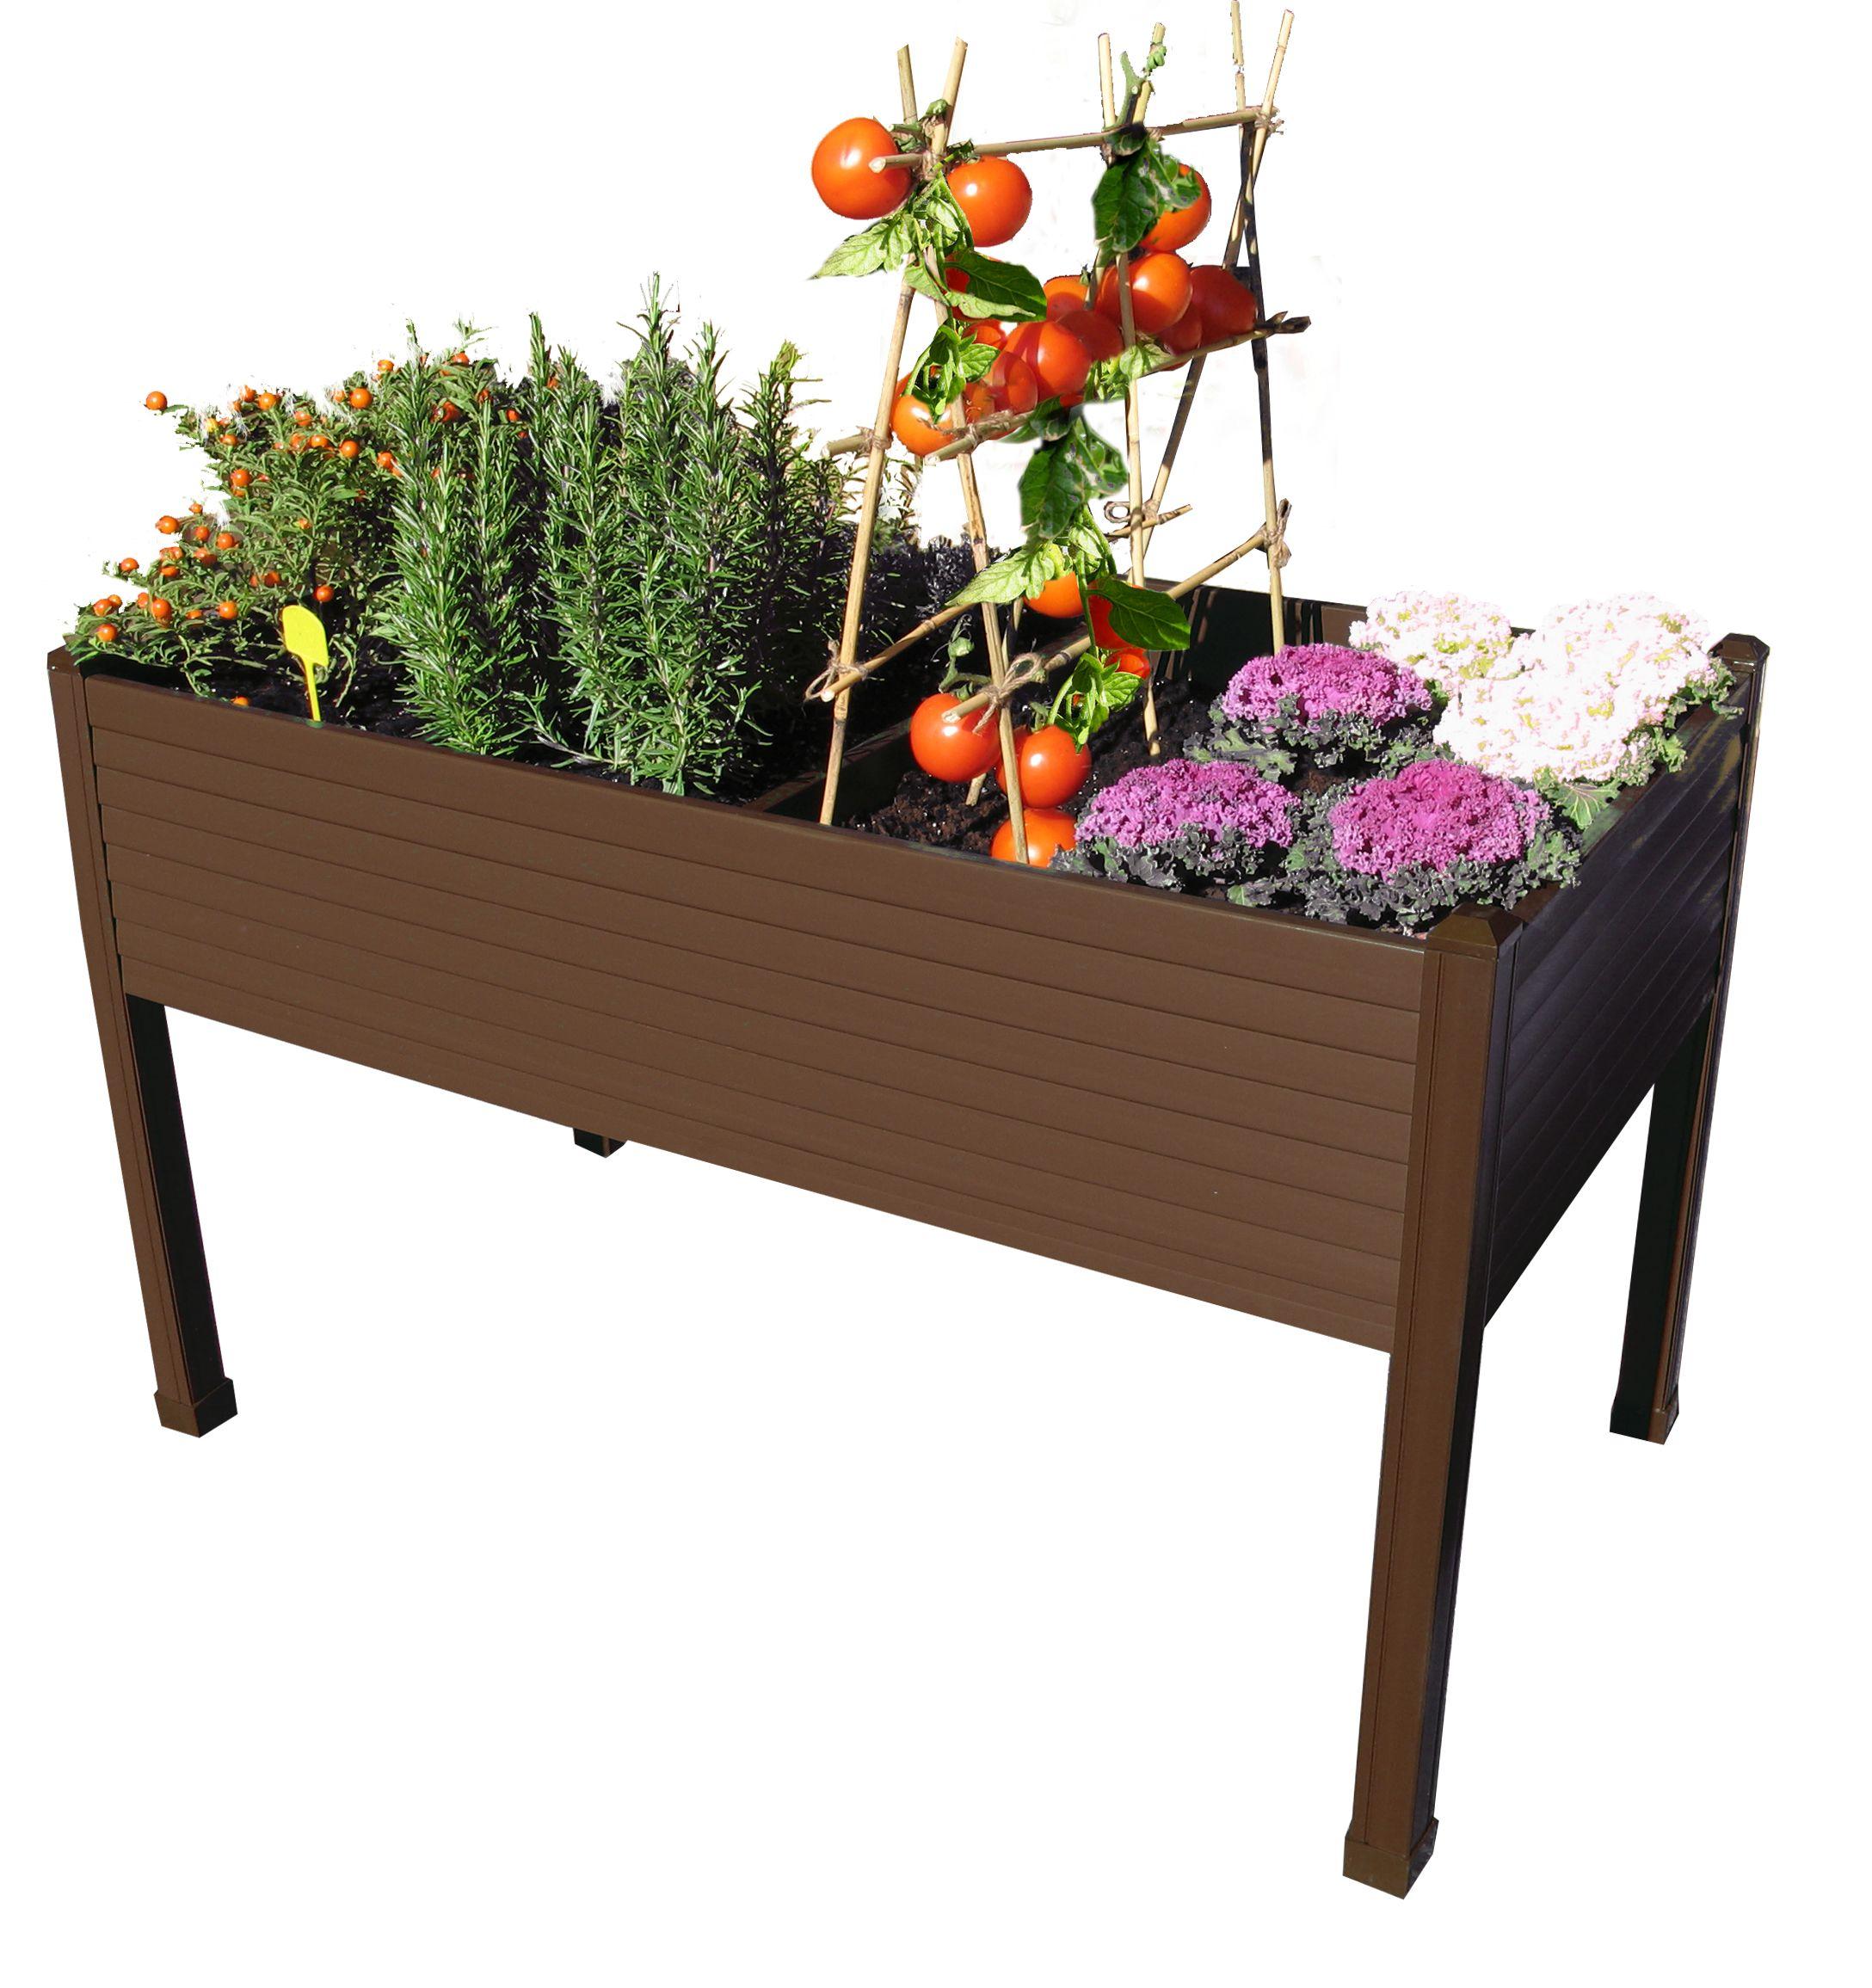 Mesa de cultivo un balc n con huerto for Vivero organico